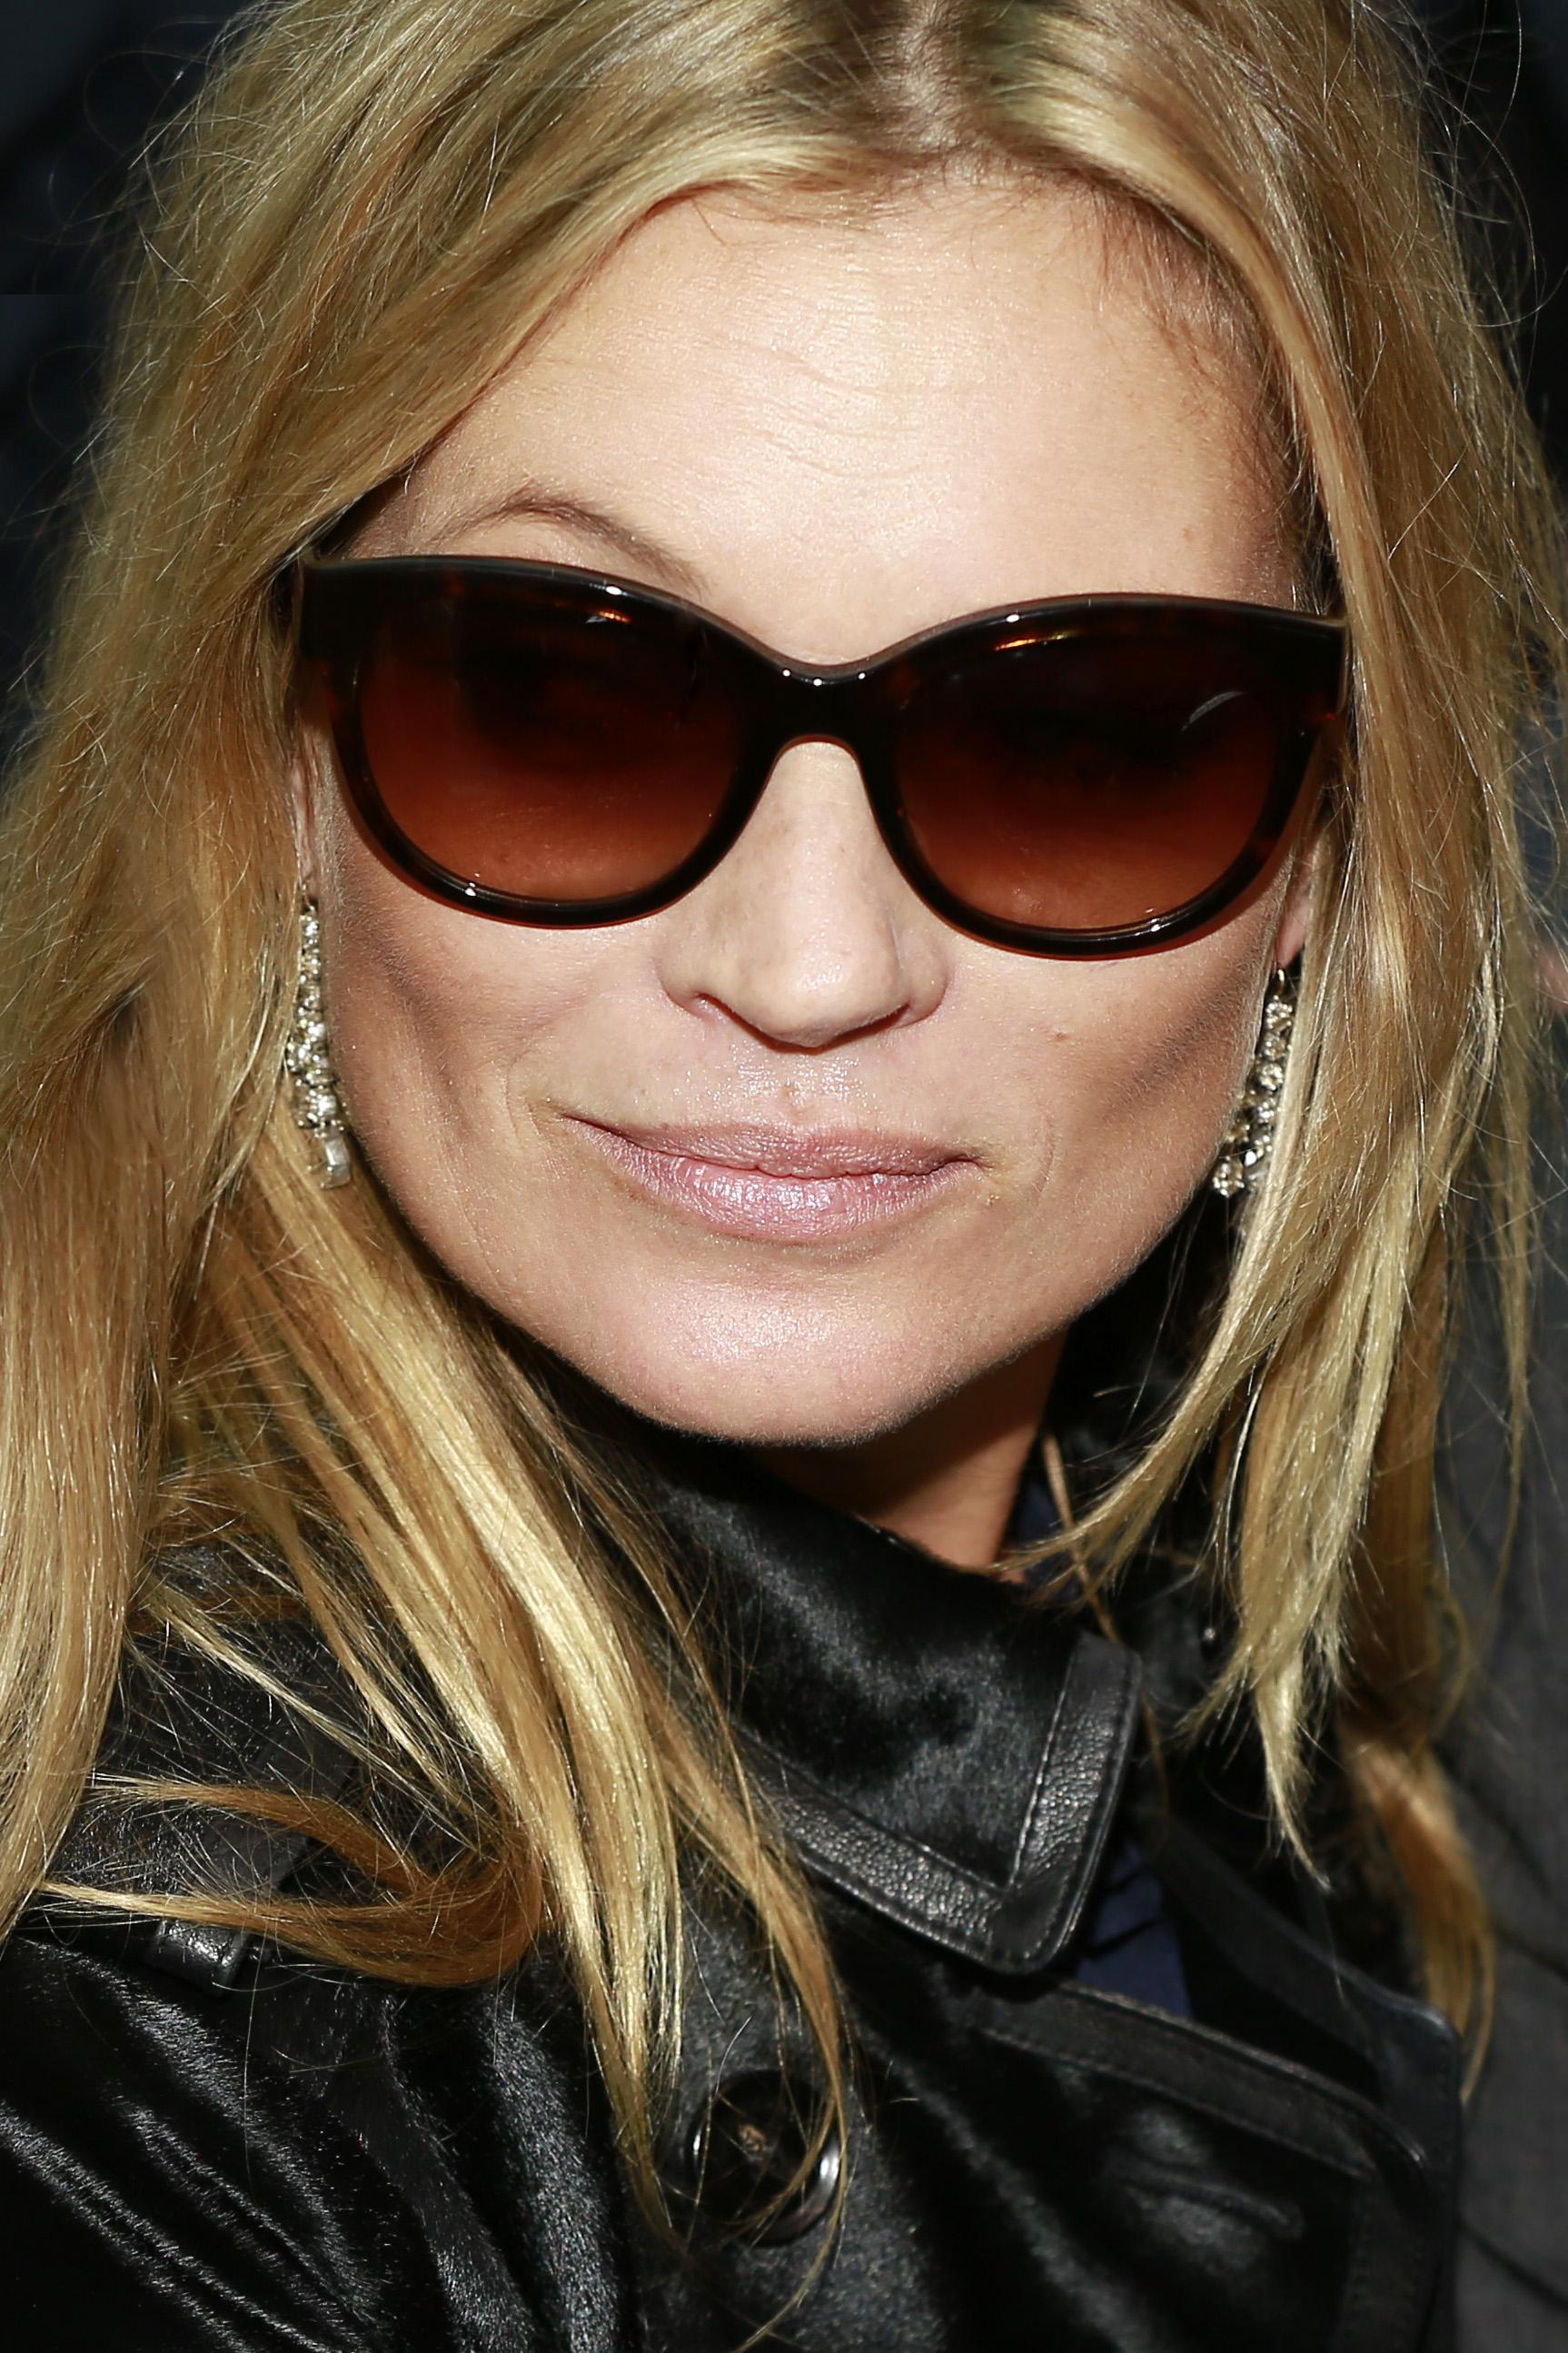 Veja o que saiu no Migalhas sobre Kate Moss